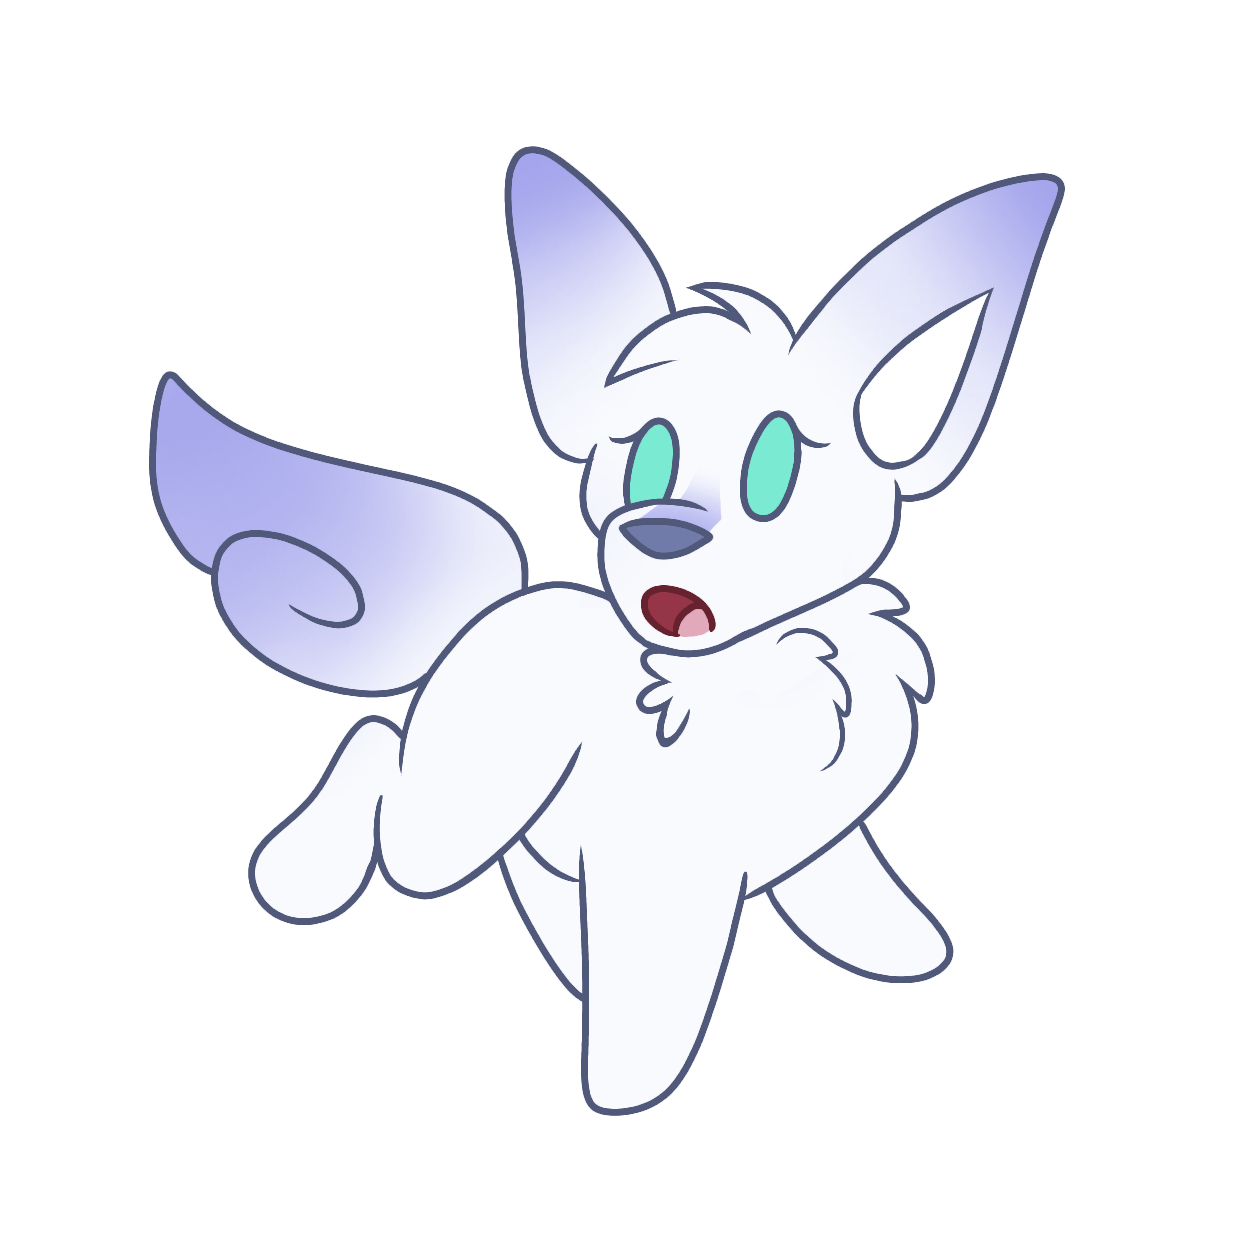 Little kibble [Chibi Gift]